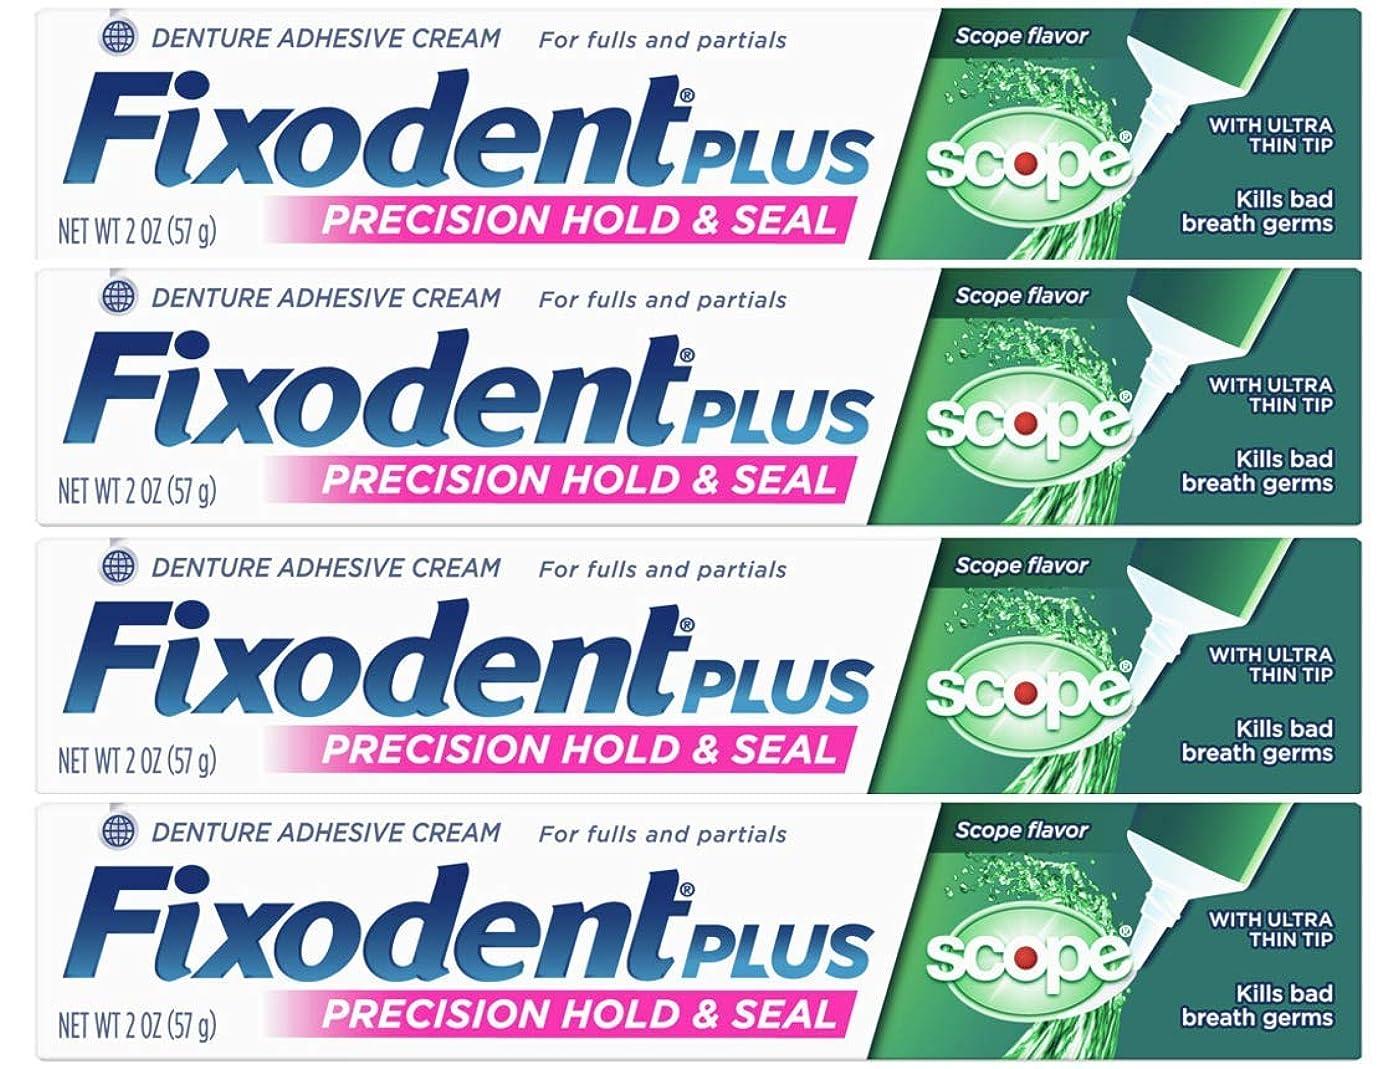 困惑する保存するヘルメットFixodent プラスのスコープ義歯接着剤クリーム2オンス(4パック)(パッケージングは??変更になる場合があります) 2オンス(4パック) スコープフレーバー